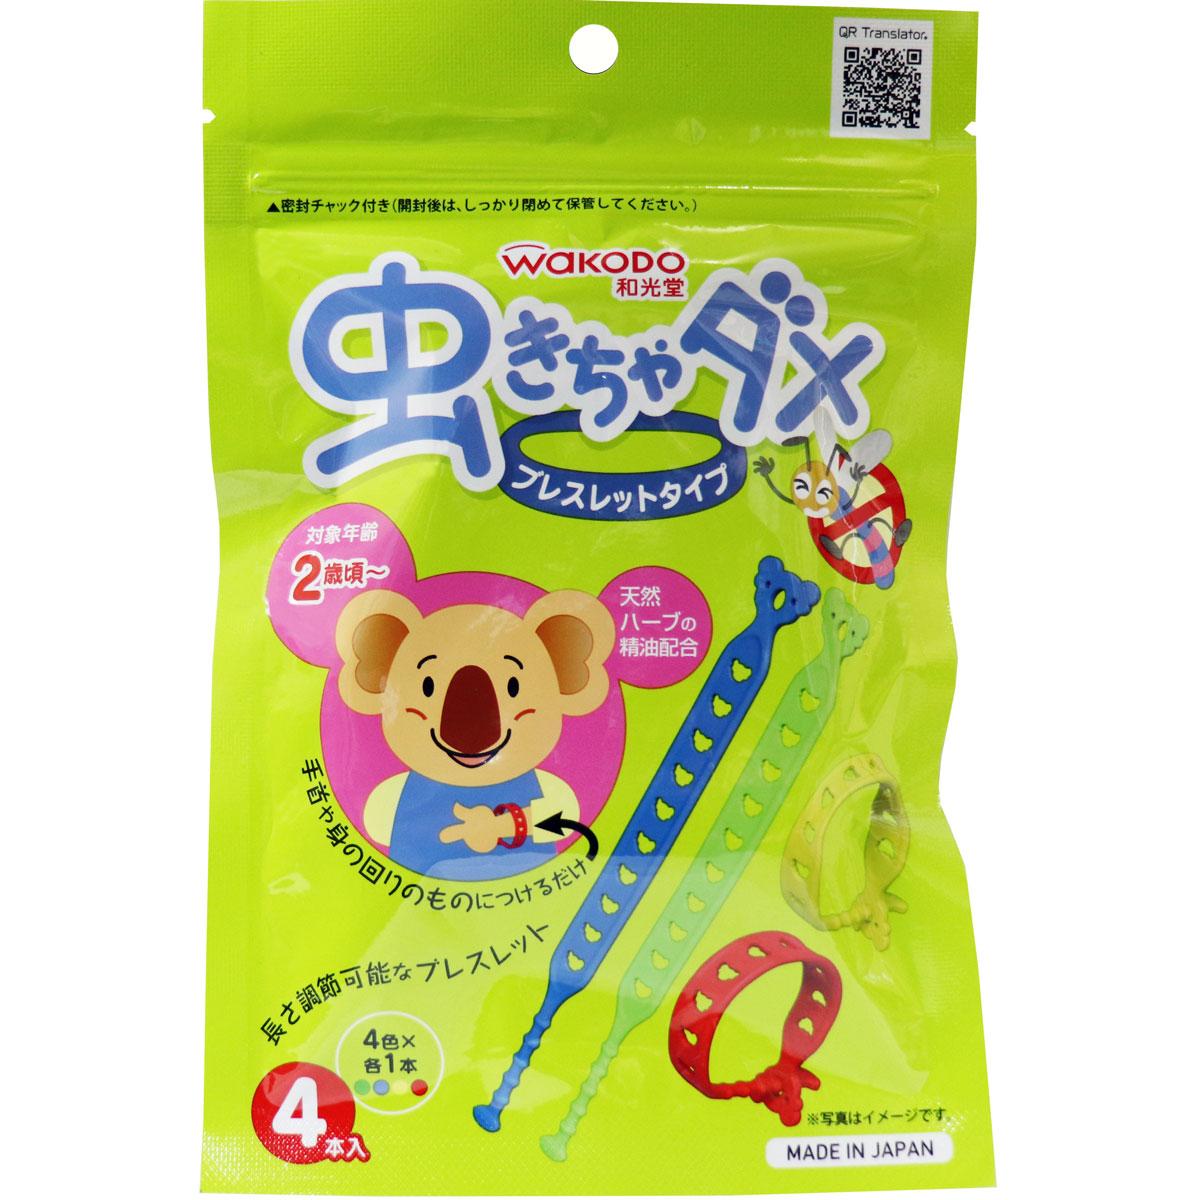 虫きちゃダメ ブレスレットタイプ 4本入(4色×各1本)